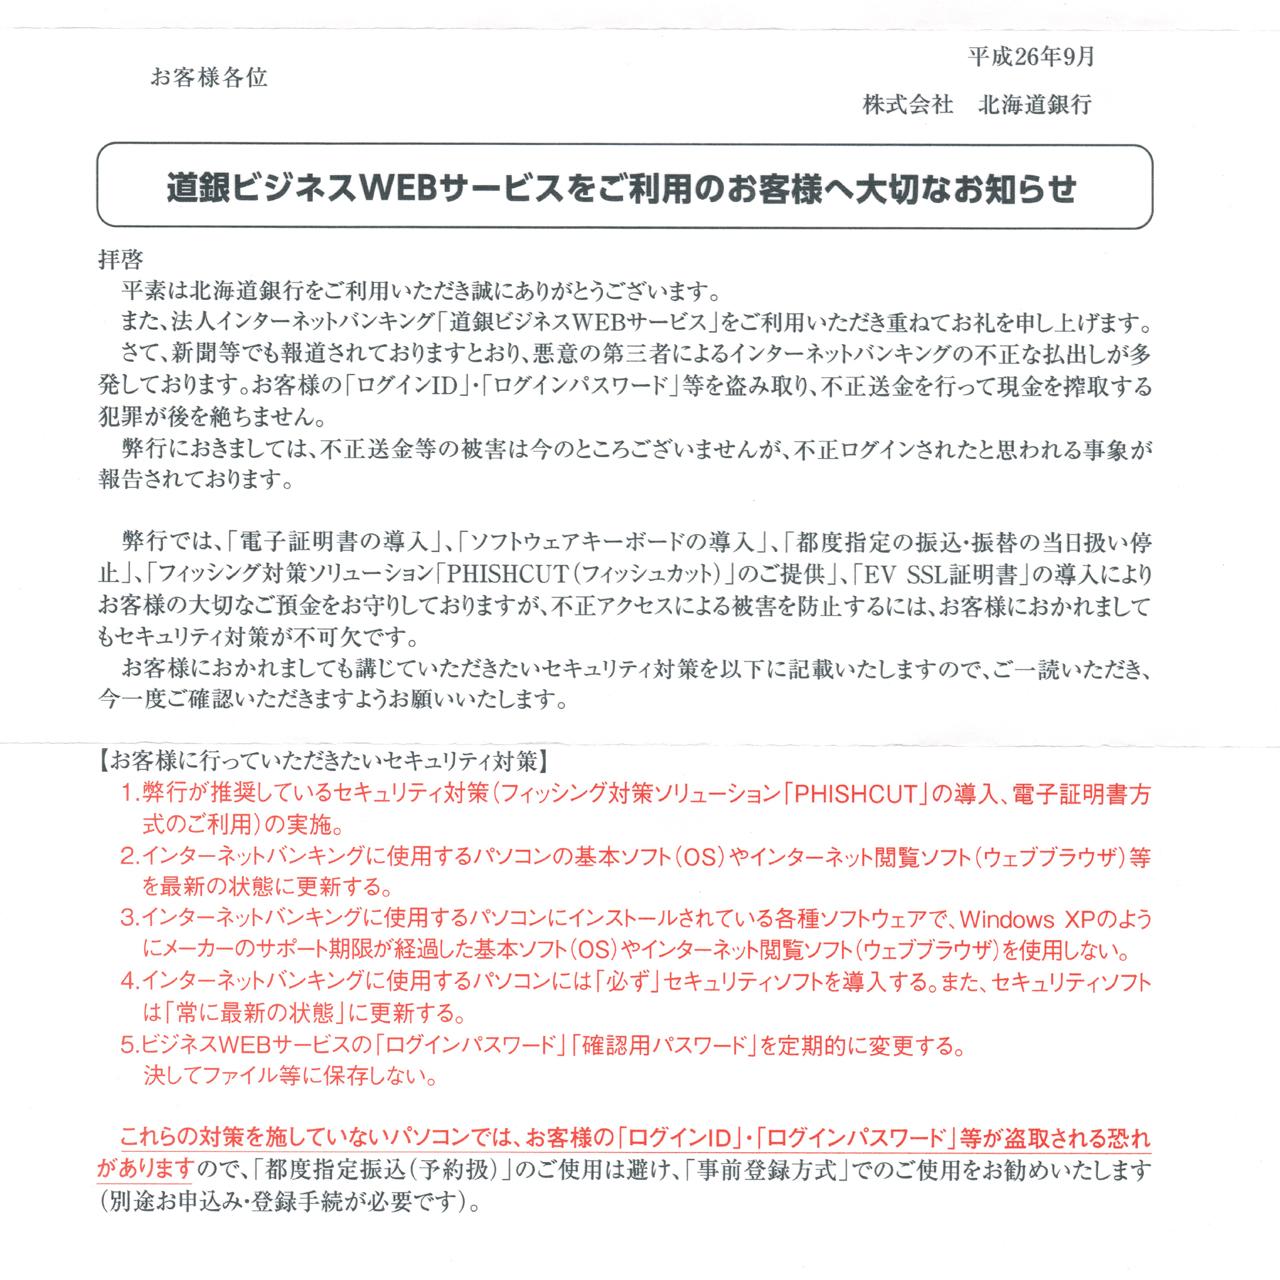 HokkaidoBank-20140906